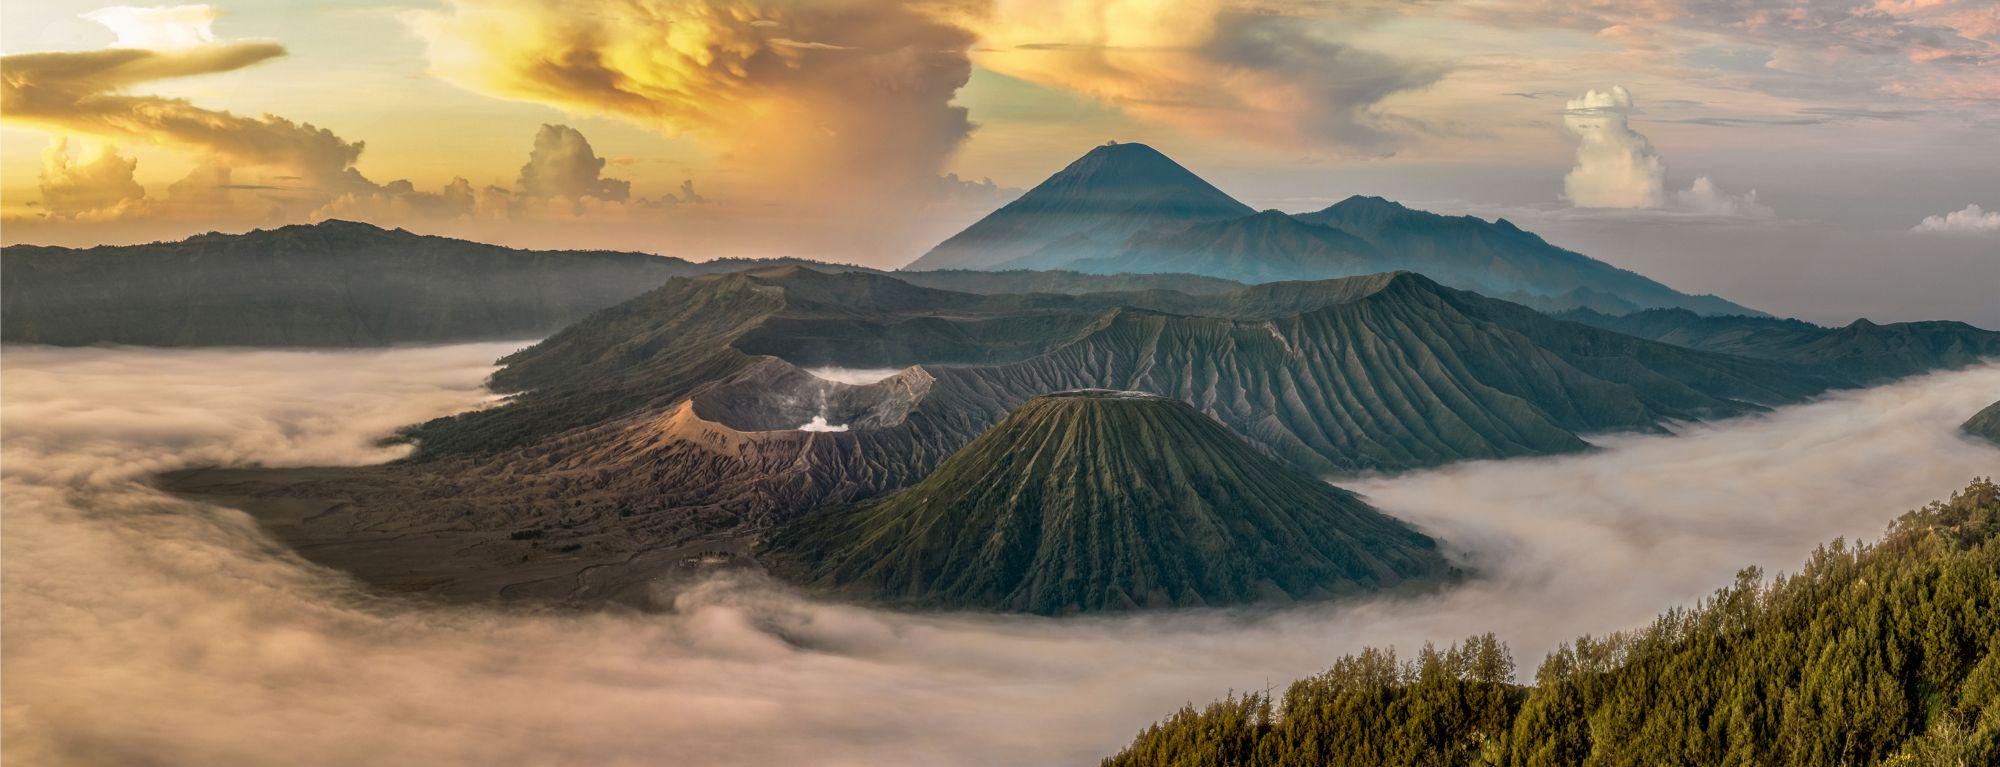 Indonesie Java Mount Bromo bij zonsopkomst